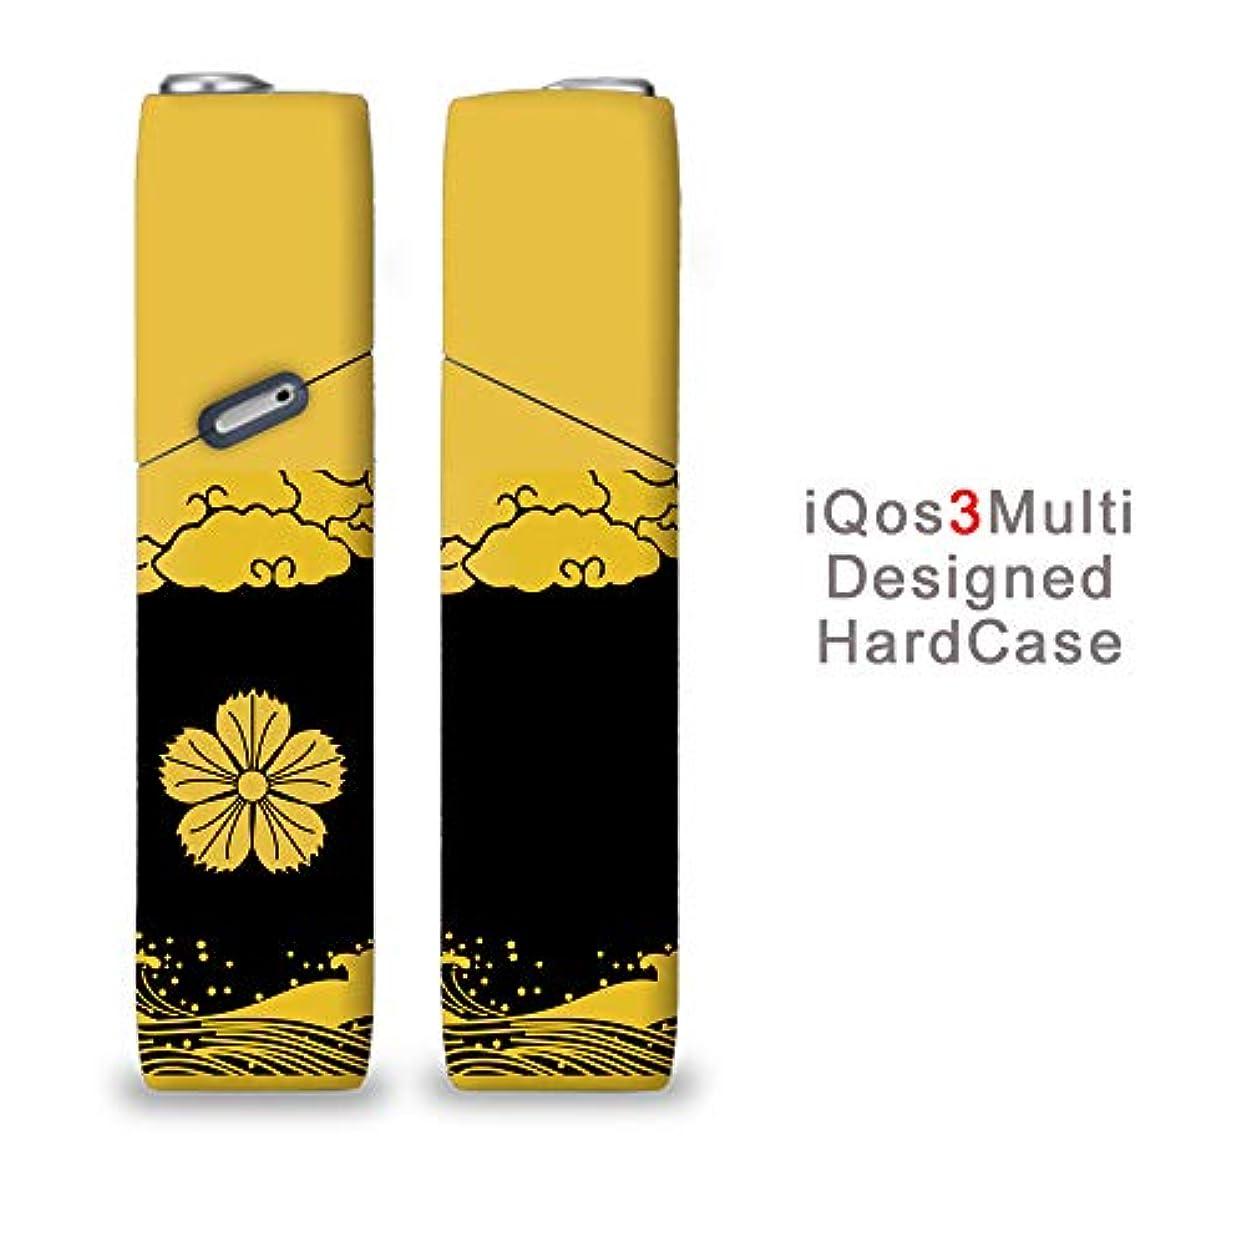 完全国内受注生産 iQOS3マルチ用 アイコス3マルチ用 熱転写全面印刷 家紋 斎藤道三 加熱式タバコ 電子タバコ 禁煙サポート アクセサリー プラスティックケース ハードケース 日本製